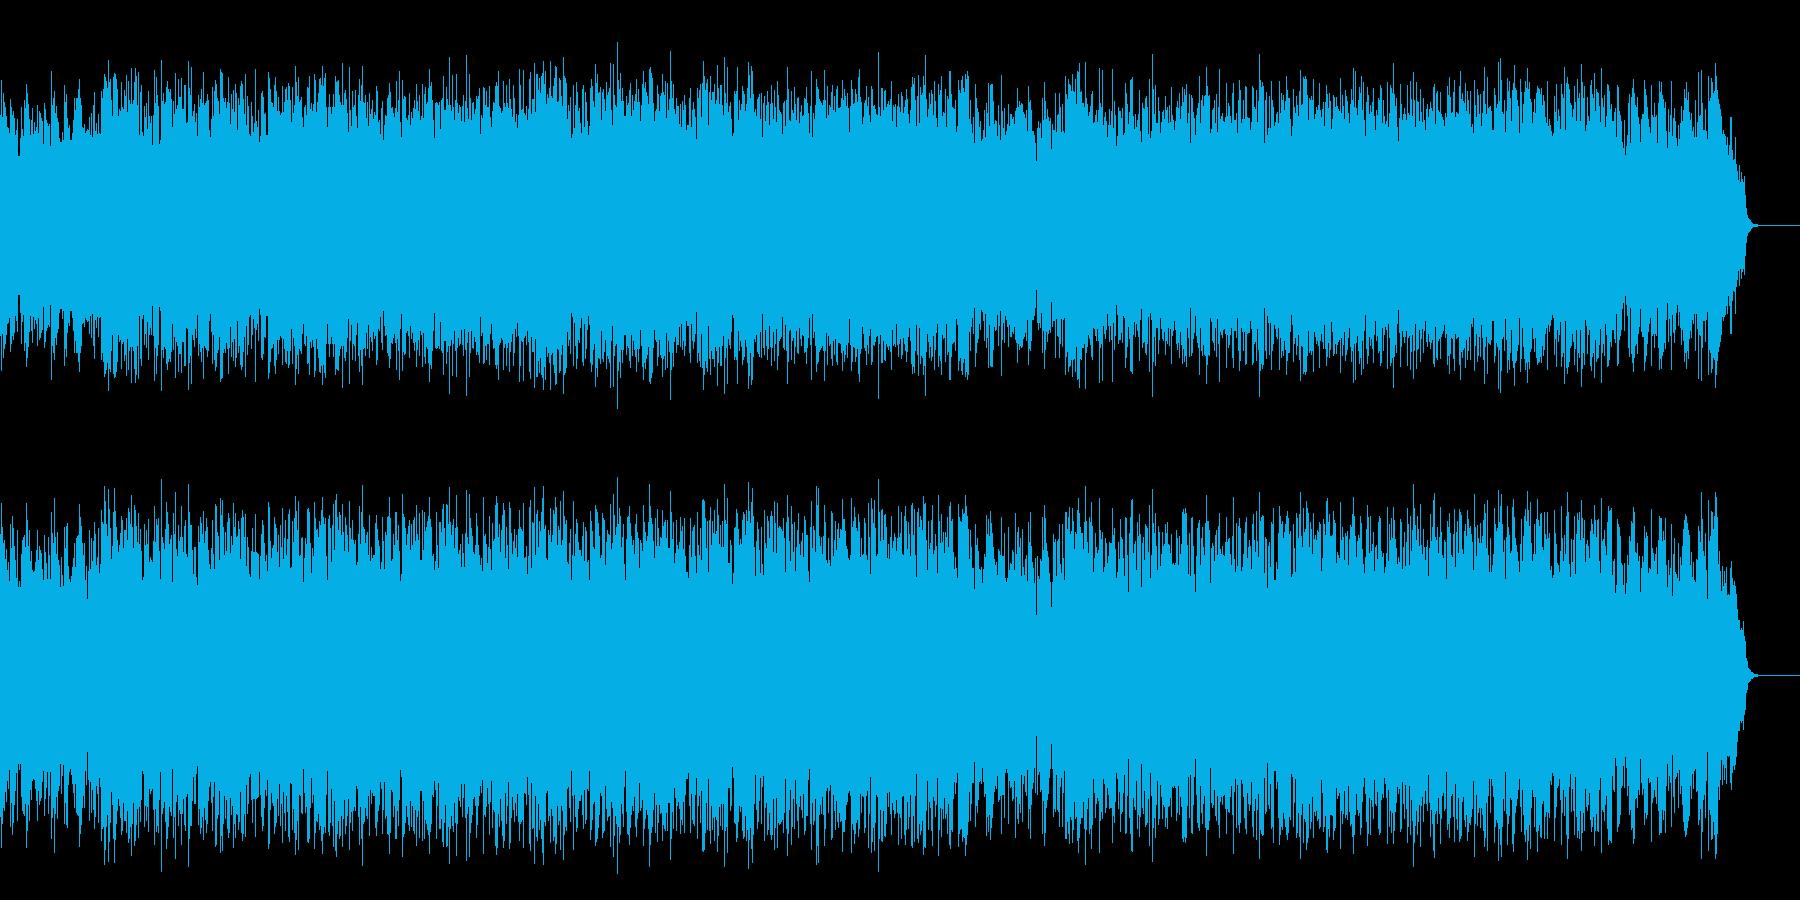 大海原を渡る軽快なラテン系フュージョンの再生済みの波形